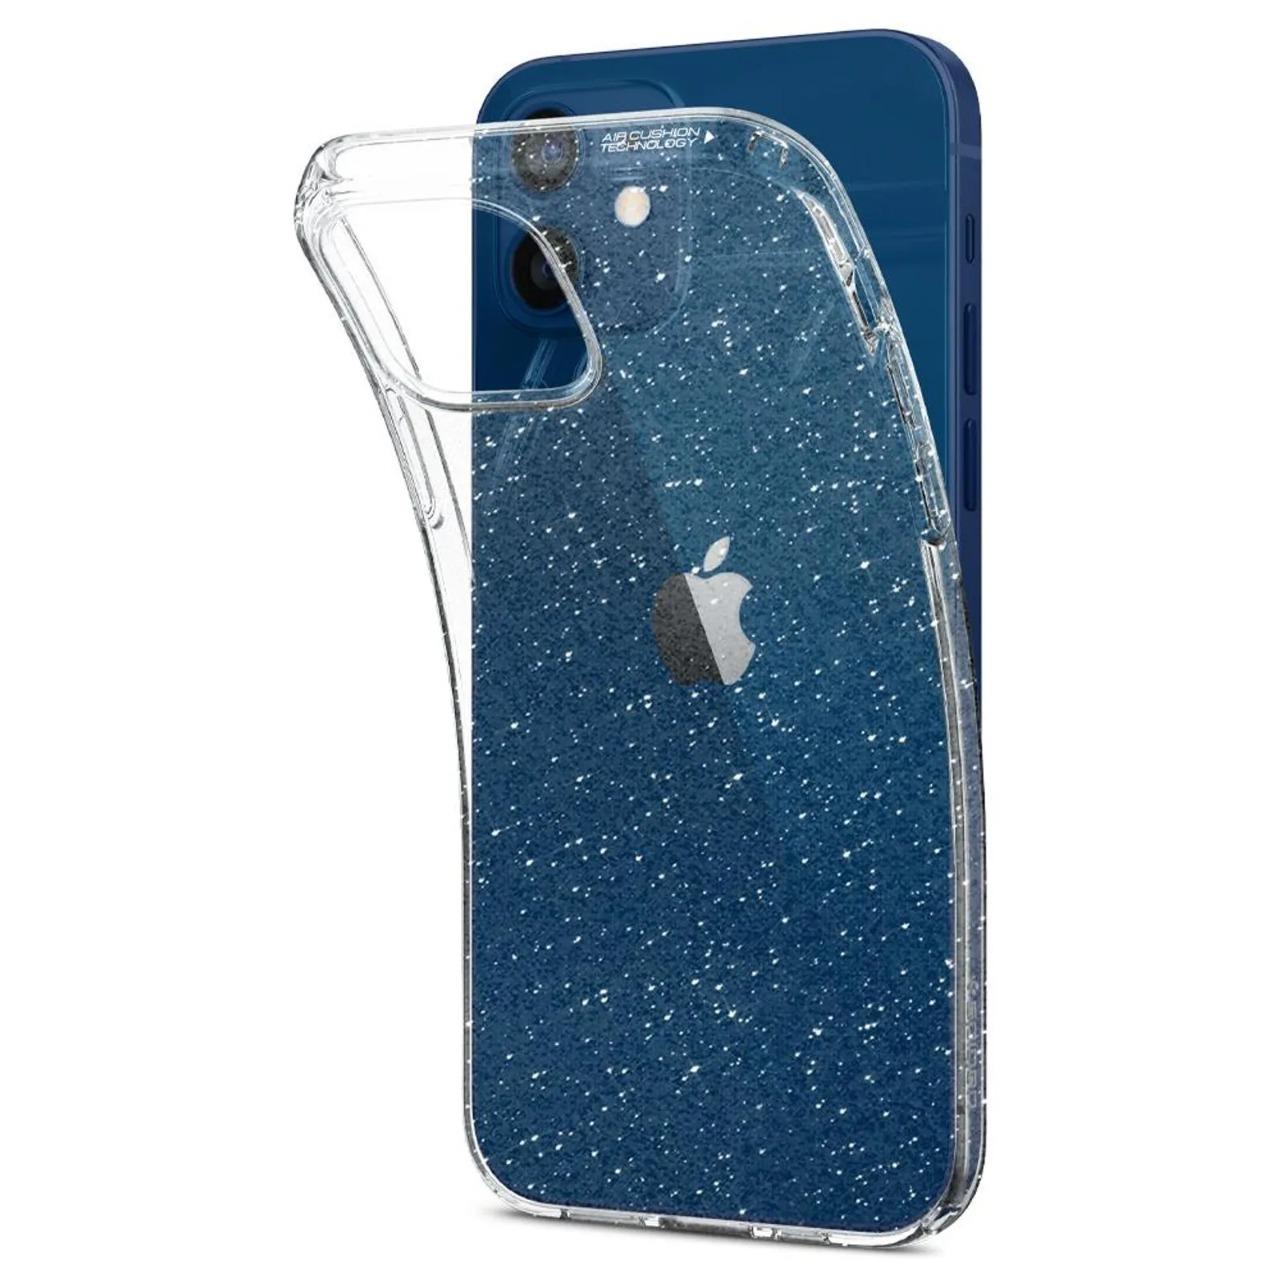 Capa Liquid Crystal Glitter Crystal Quartz Compatível com iPhone 12 Mini